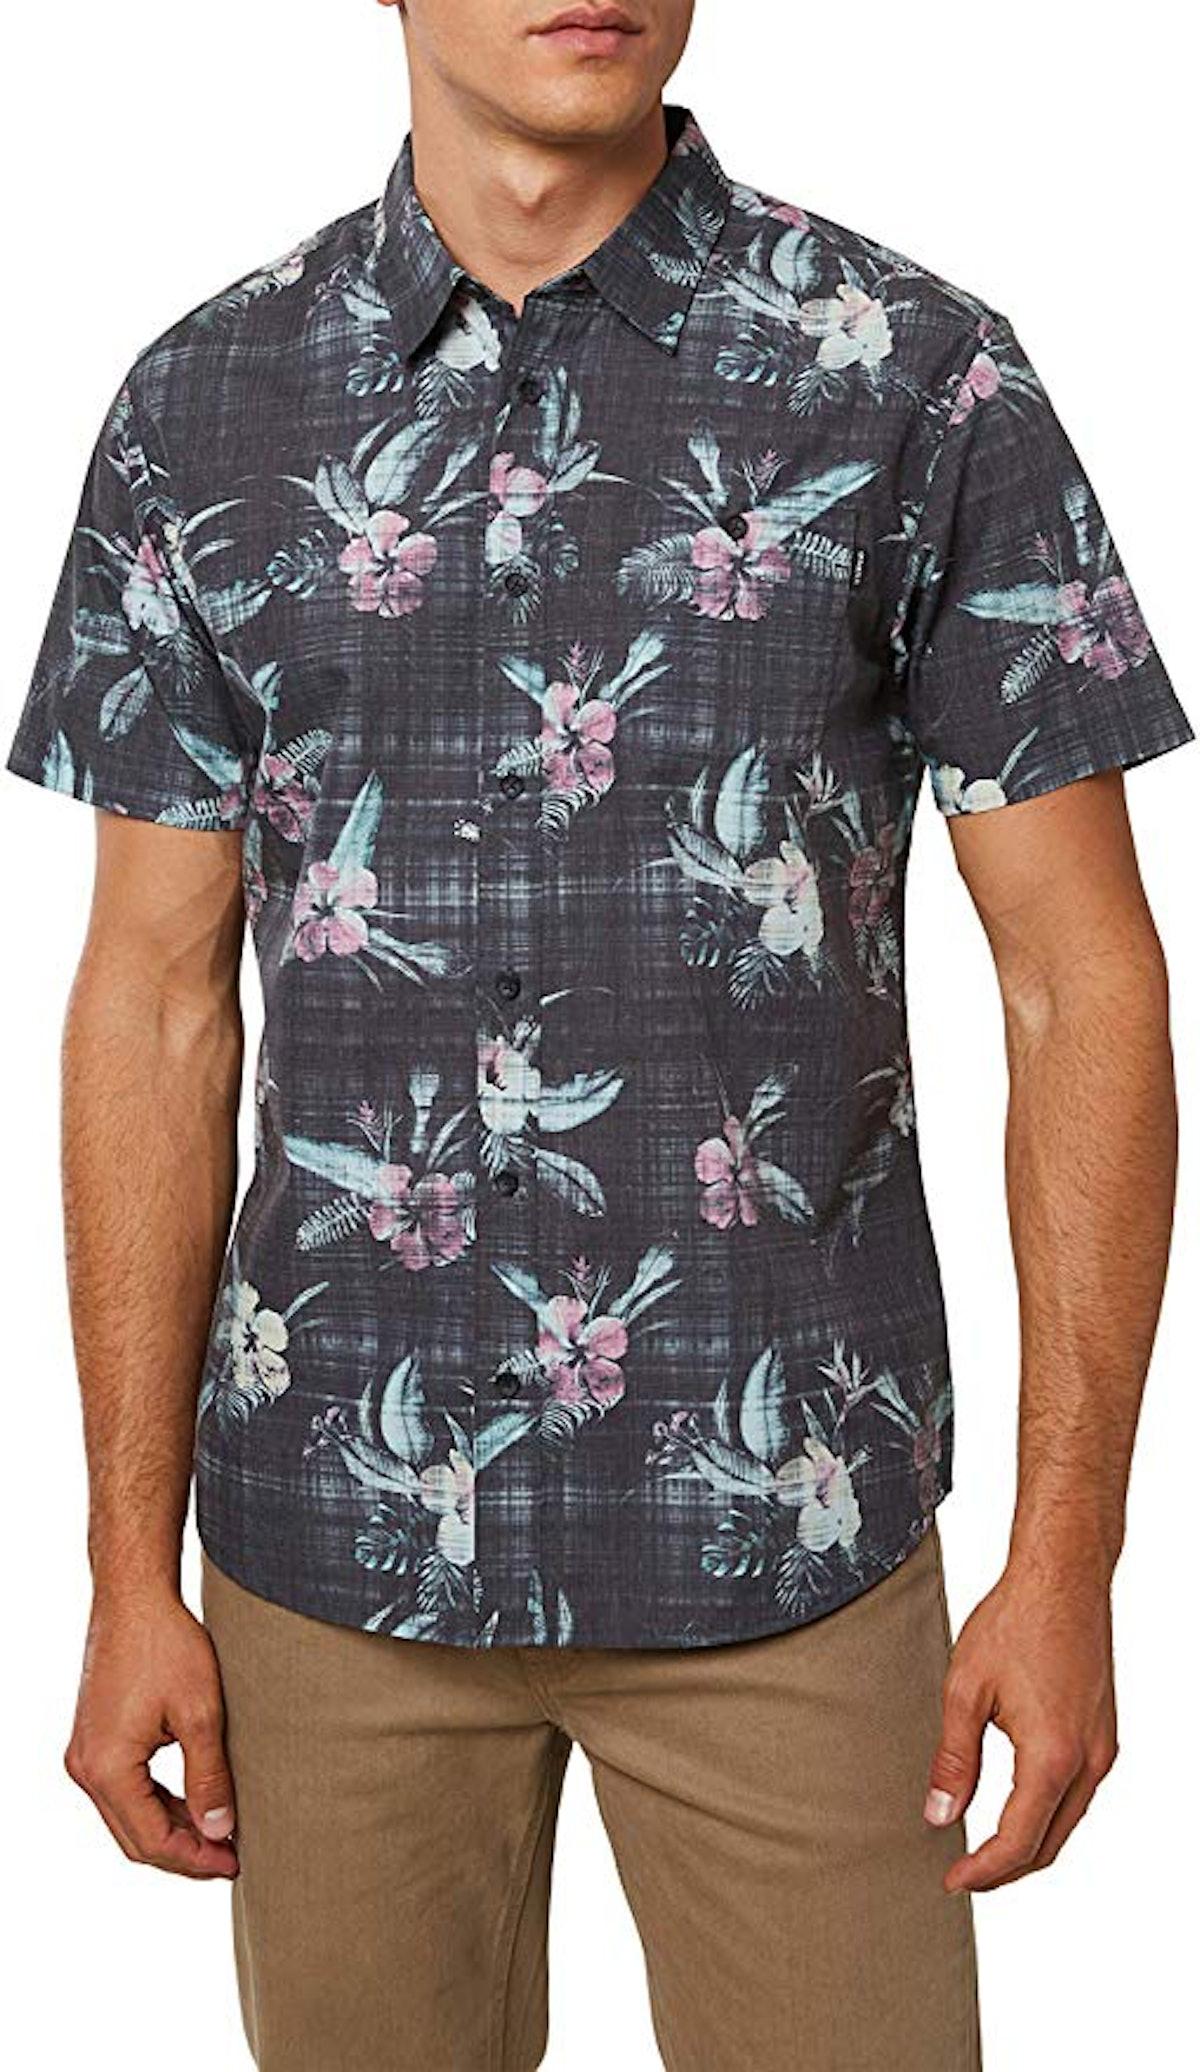 O'NEILL Men's Standard Fit Short Sleeve Button Down Shirt